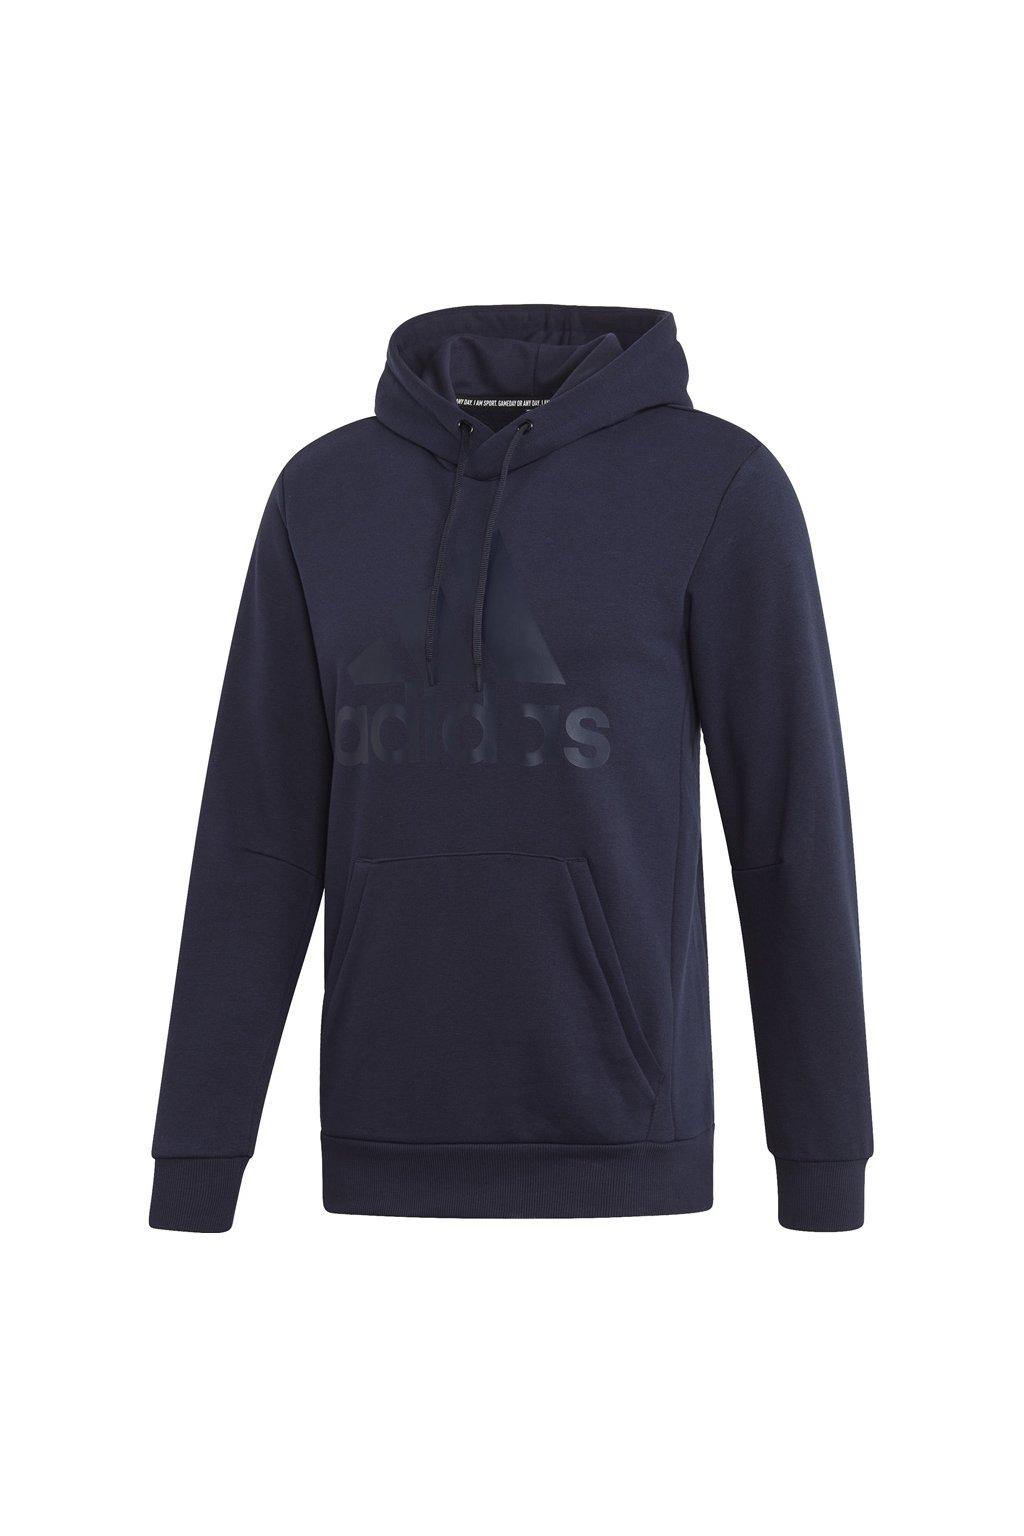 Pánska mikina Adidas MH Bos PO FT, námornícka modrá mikina EB5247